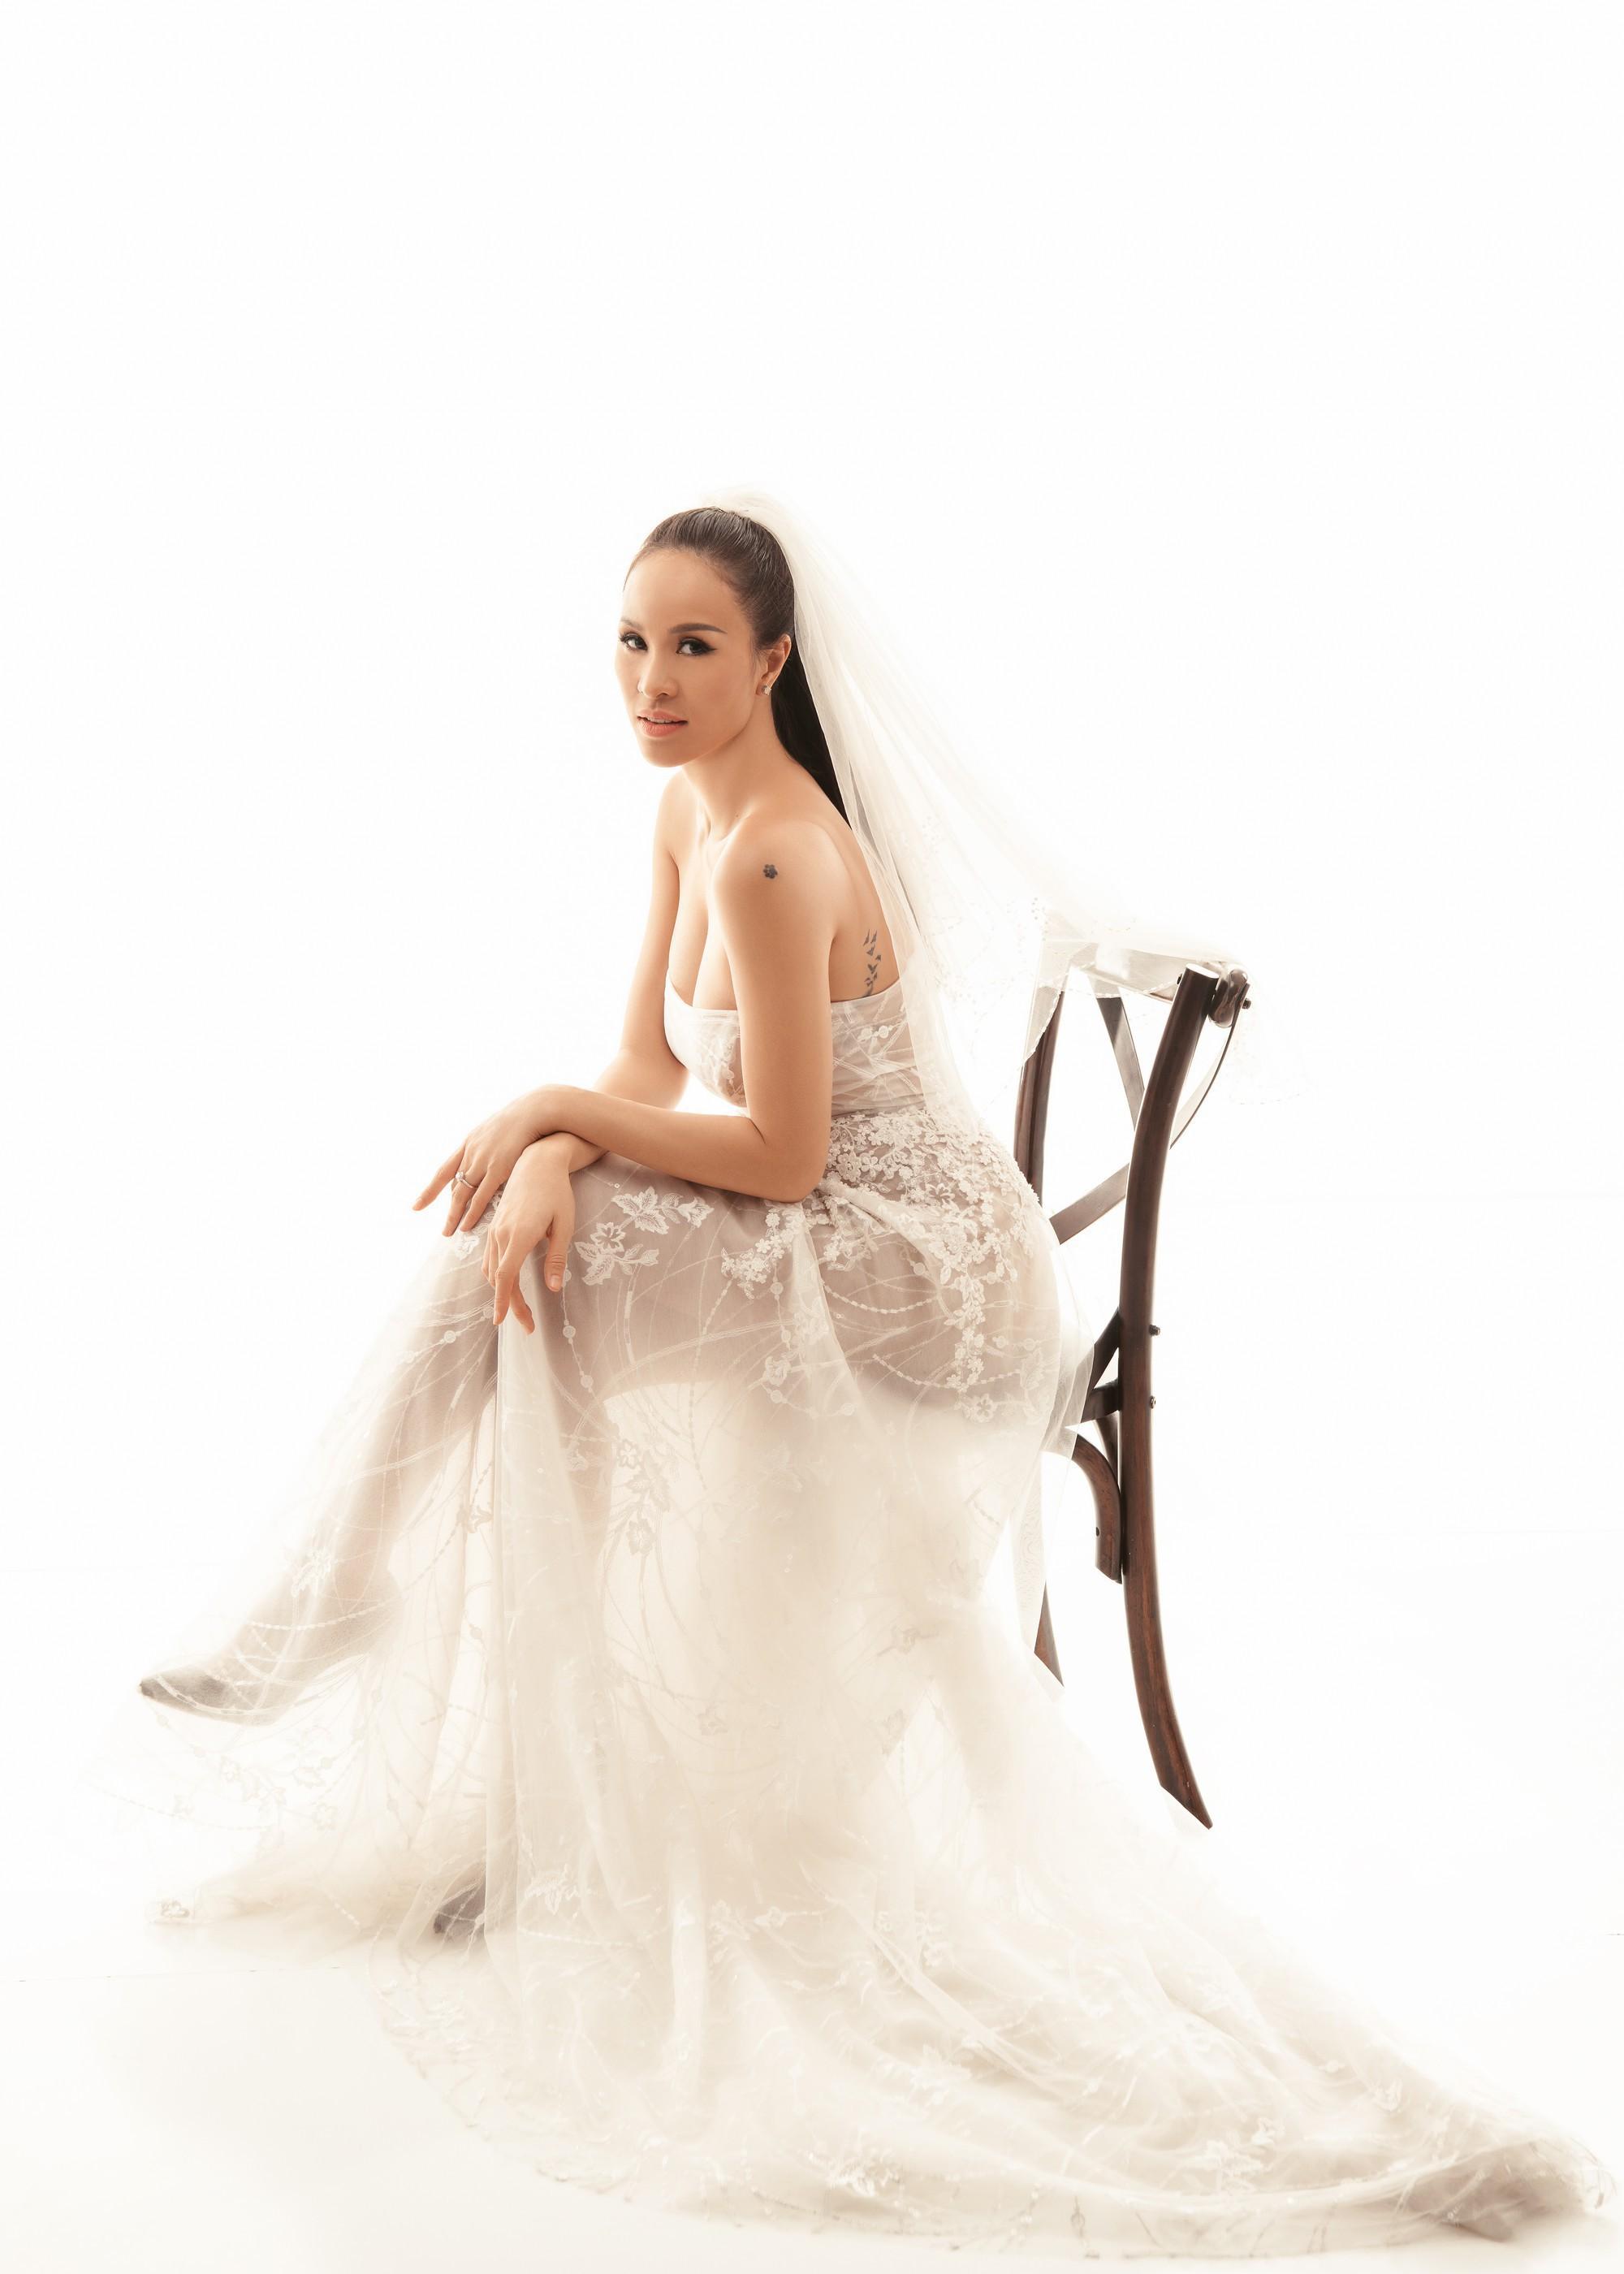 So kè váy cưới của 3 mỹ nhân Vbiz sắp về nhà chồng: Phí Linh nền nã, Phương Mai sexy nhưng bất ngờ nhất là Đàm Thu Trang - Ảnh 5.